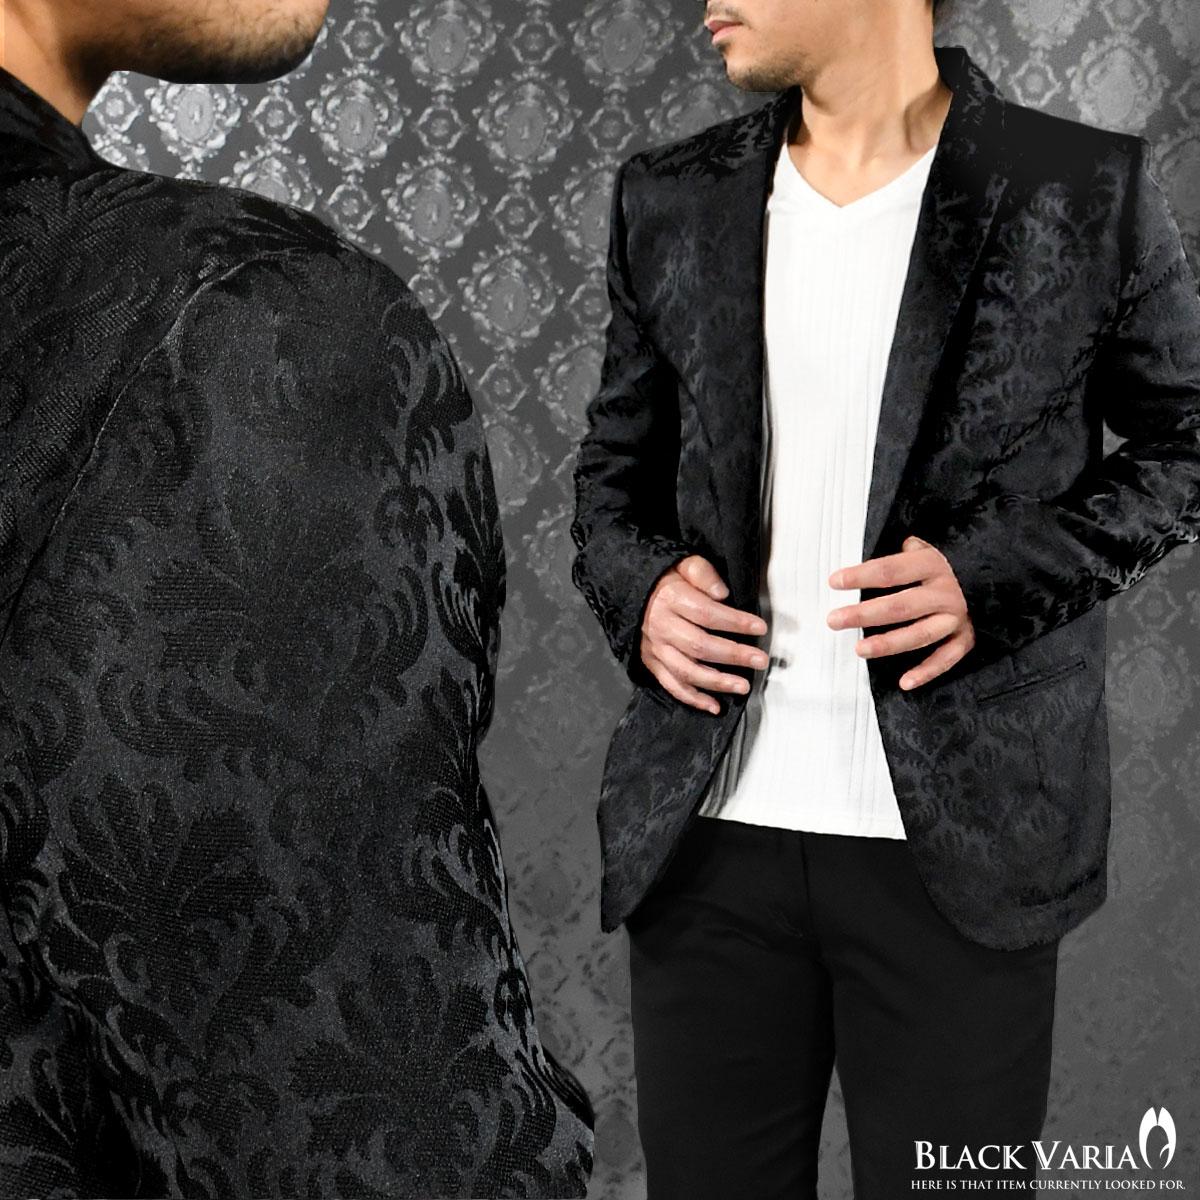 ジャケット テーラード アラベスク柄 メンズ 日本製 1釦 ジャガード カットジャケット mens(ブラック黒) 181202